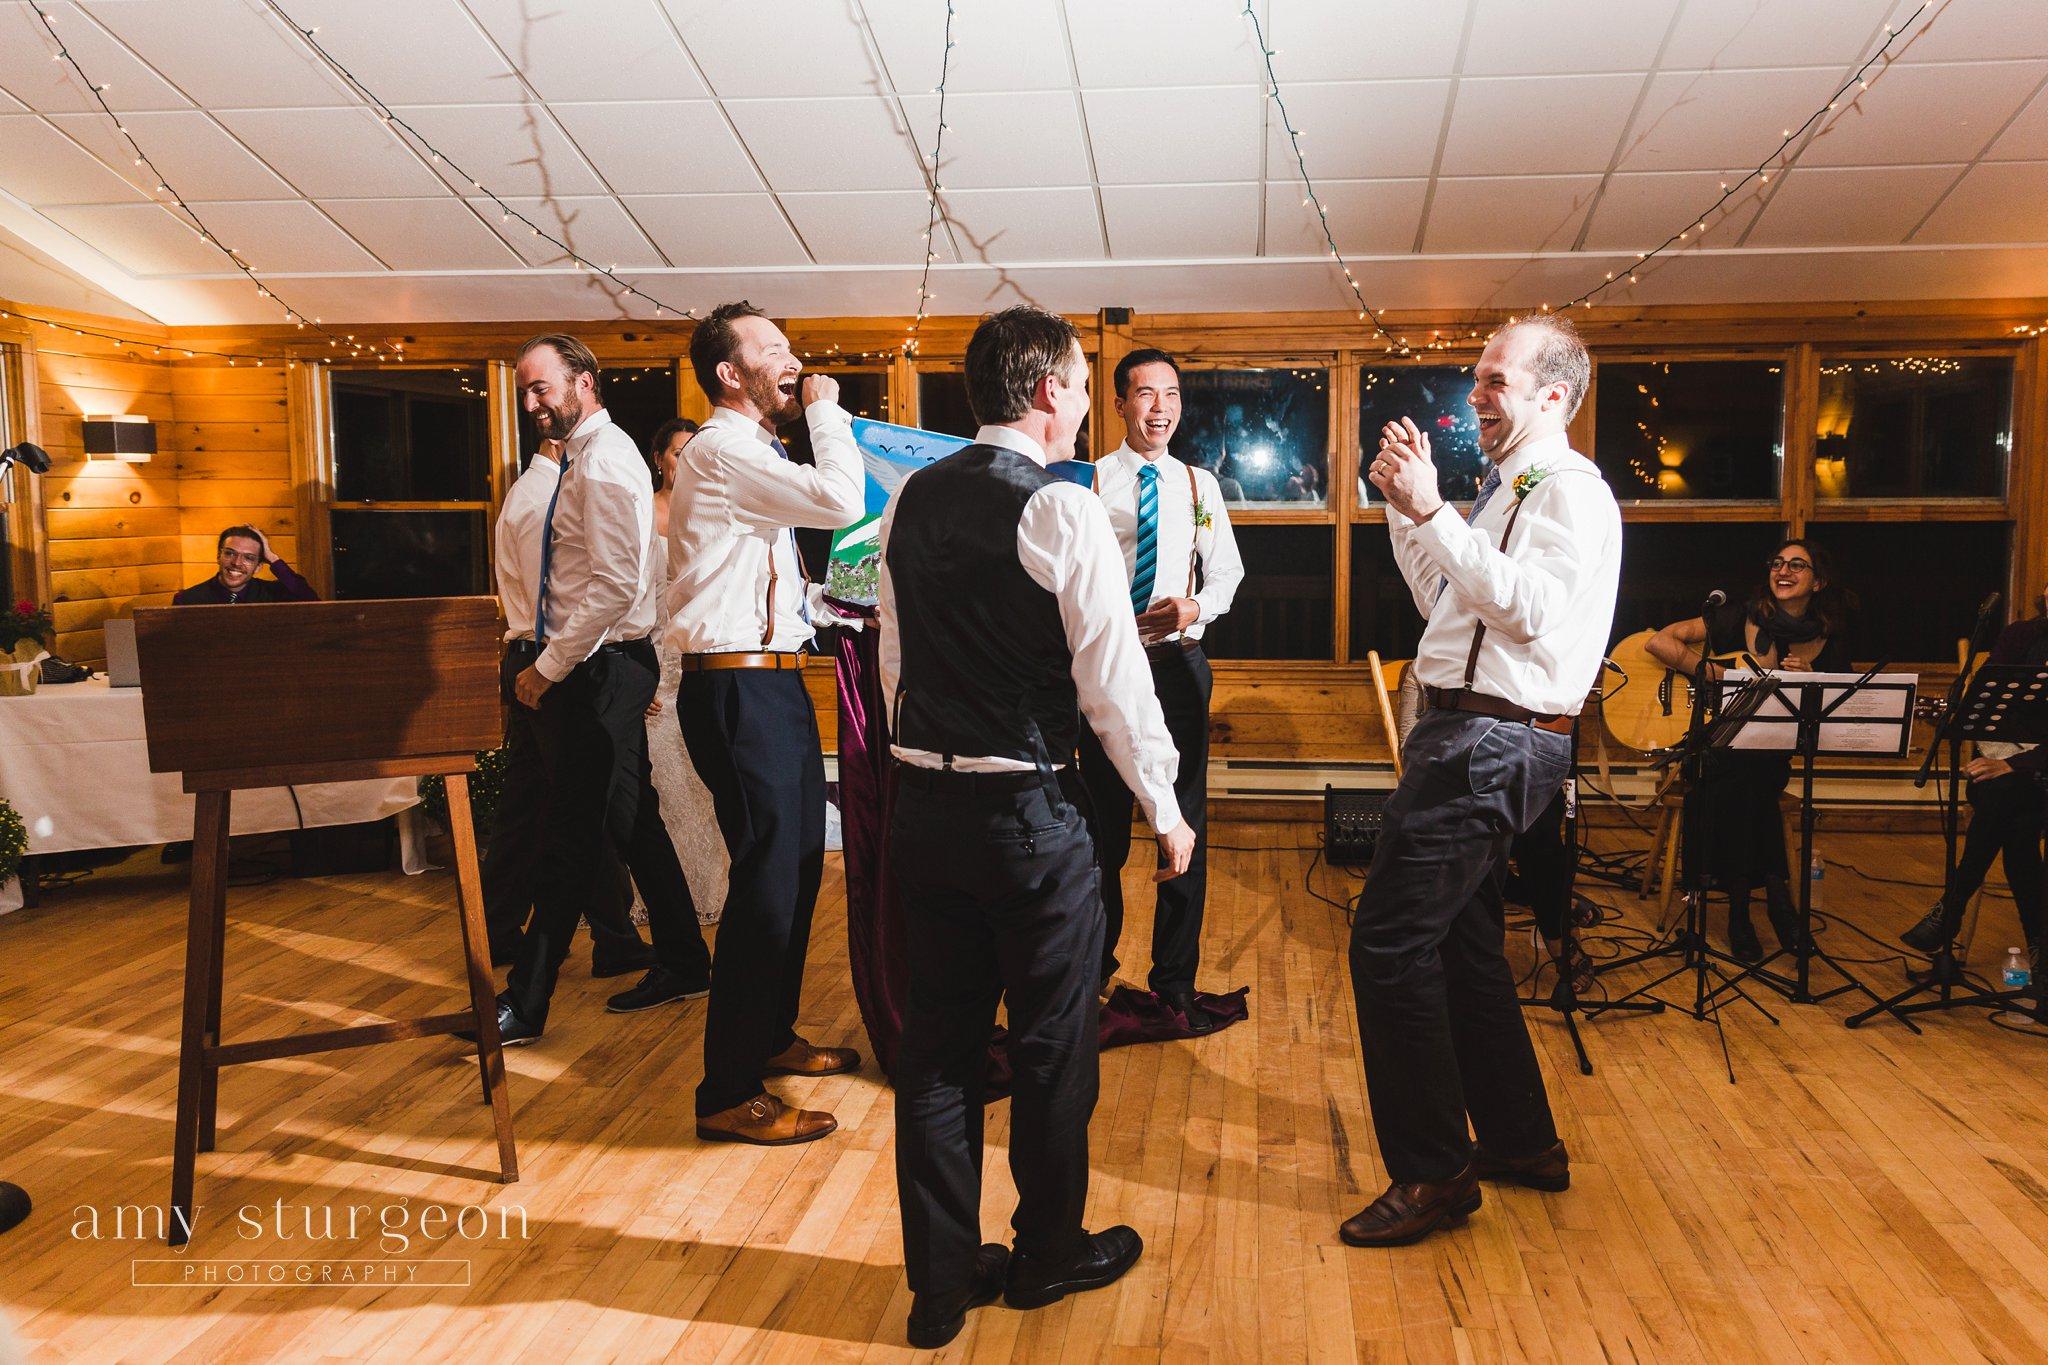 amy-sturgeon-photography_stonefields-wedding_ottawa_1344